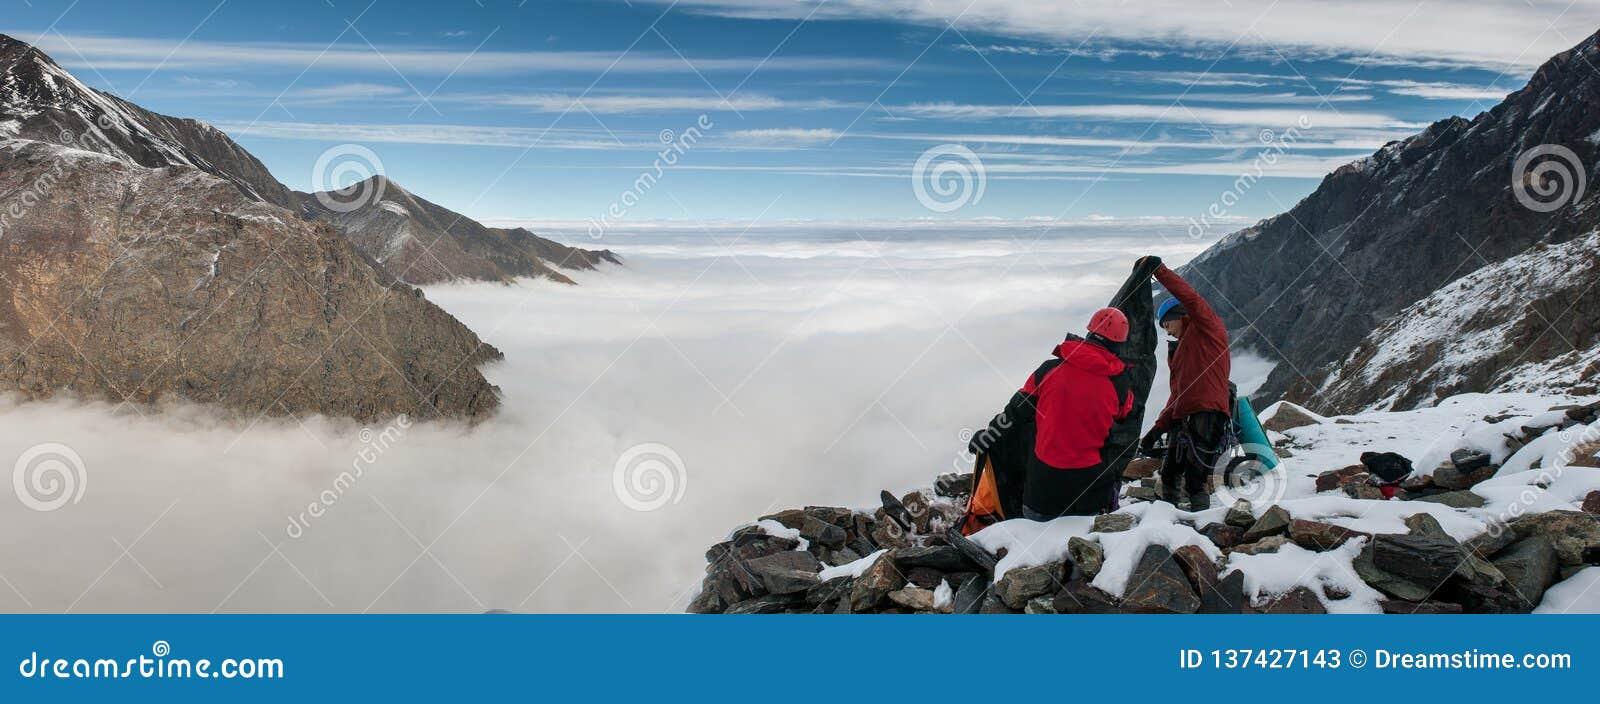 Berge, Reise, Natur, Schnee, Wolken